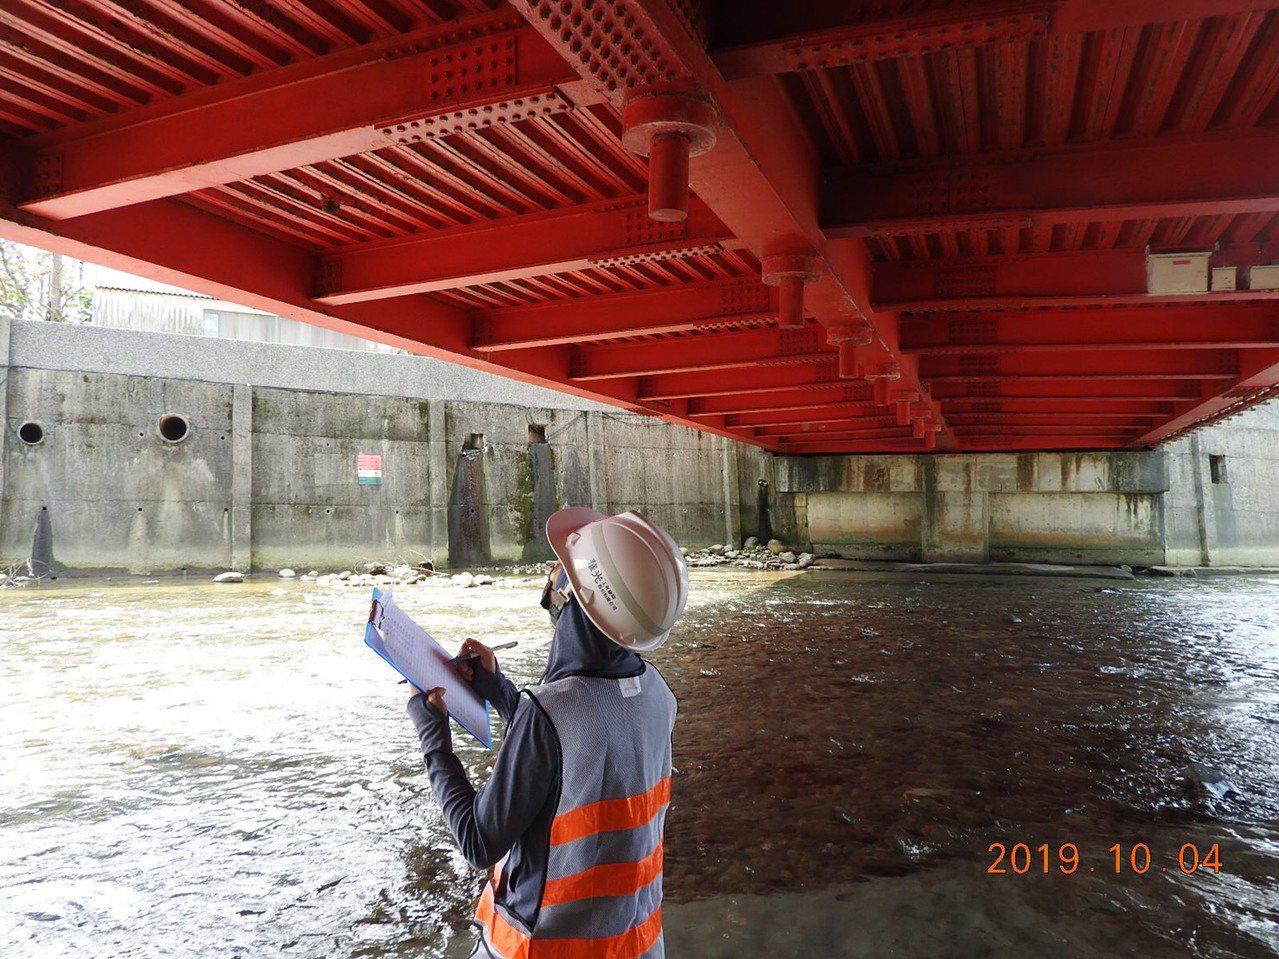 新北市工務局養工處於一周內完成新北16座特殊結構橋梁檢測。圖/新北市工務局提供